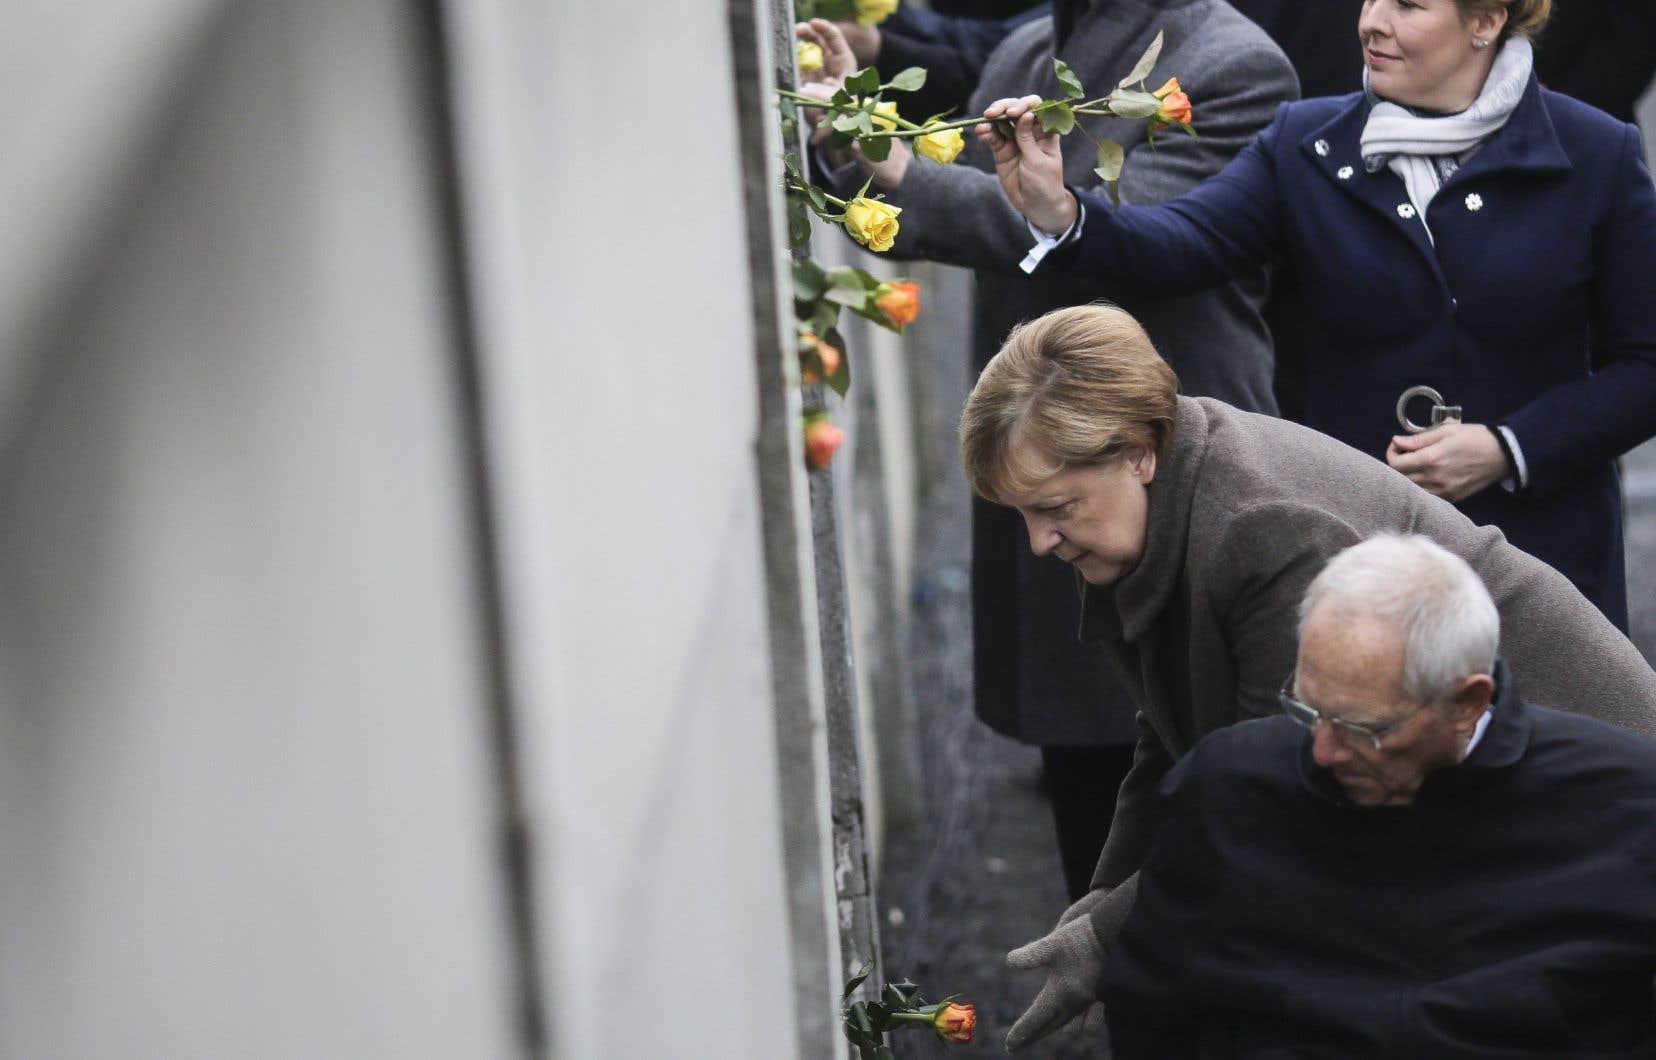 <p>La chancelière allemande, Angela Merkel,a appelé samedi l'Europe à défendre ses valeurs fondamentales comme «la démocratie et la liberté» face aux contestations grandissantes.</p>